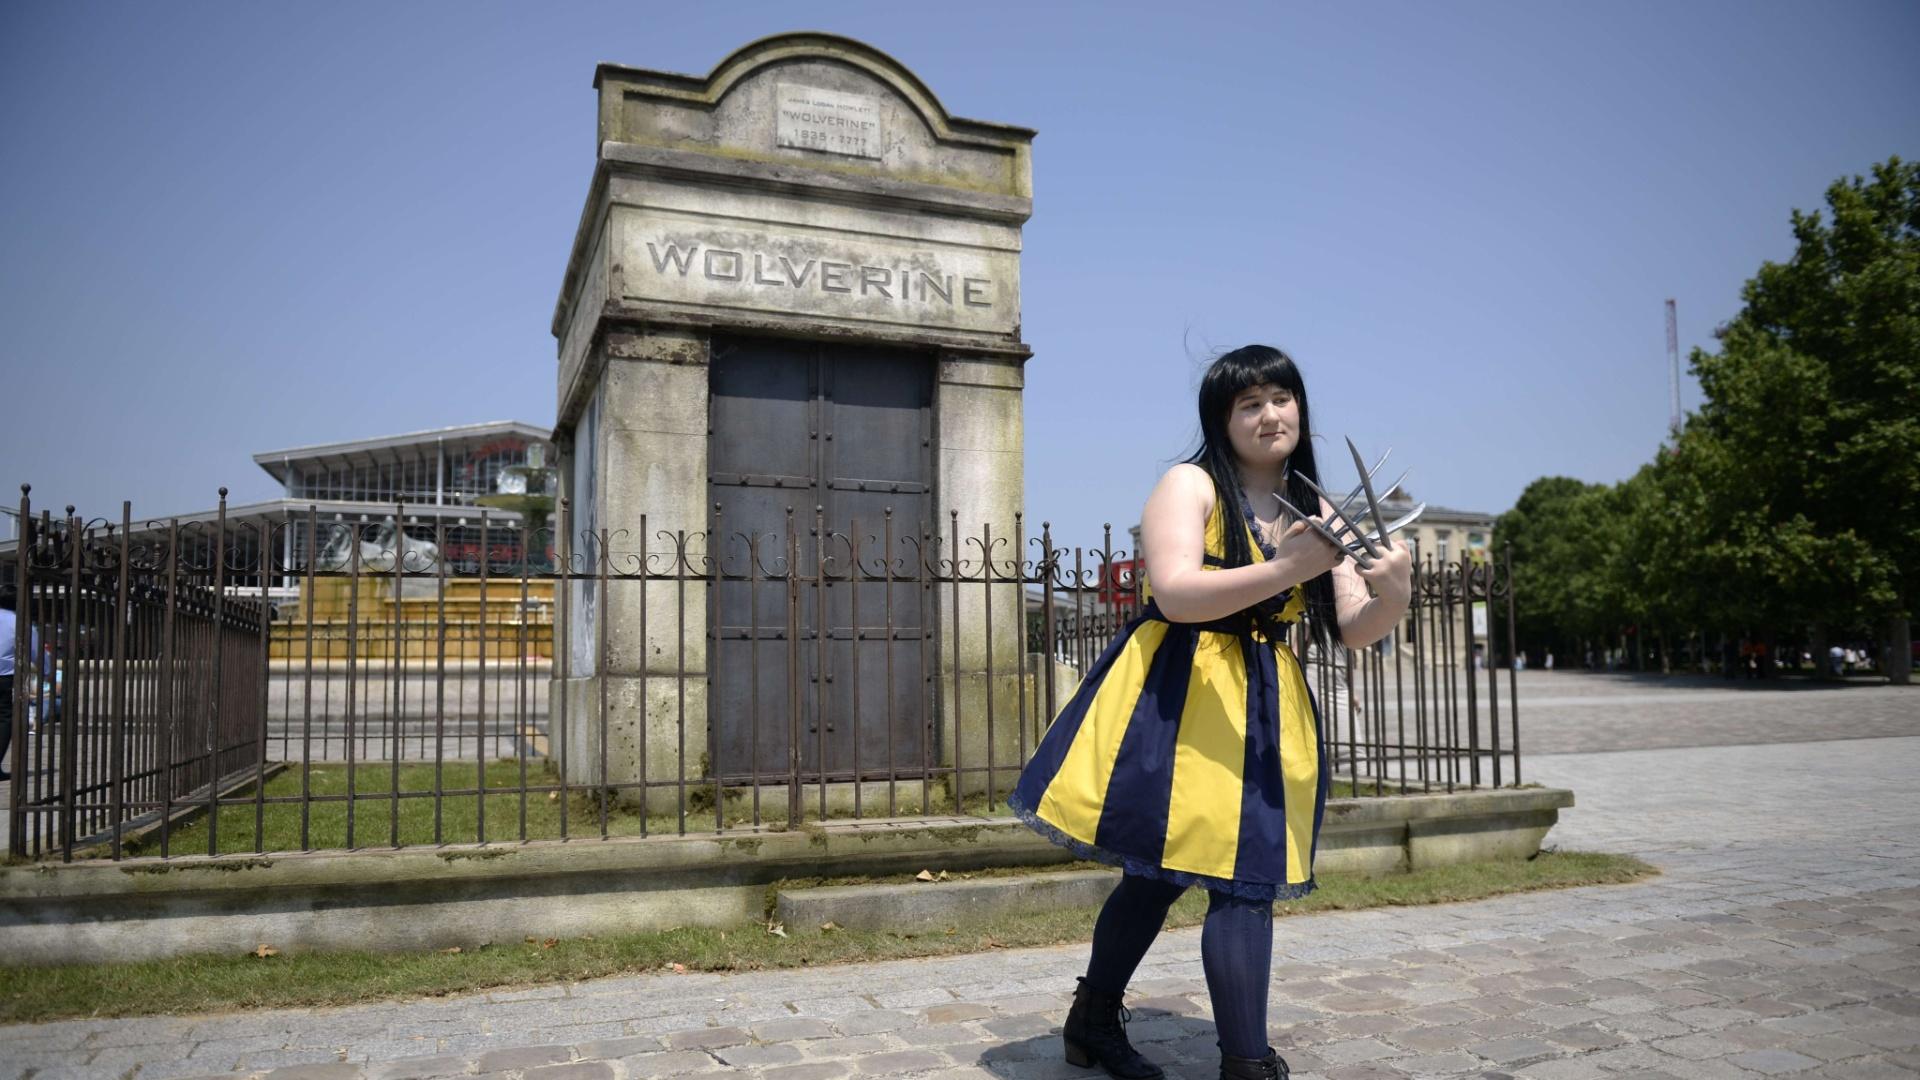 10.jul.2013 - Fã do personagem Wolverine posa para fotos em frente ao mausoléu de divulgação de